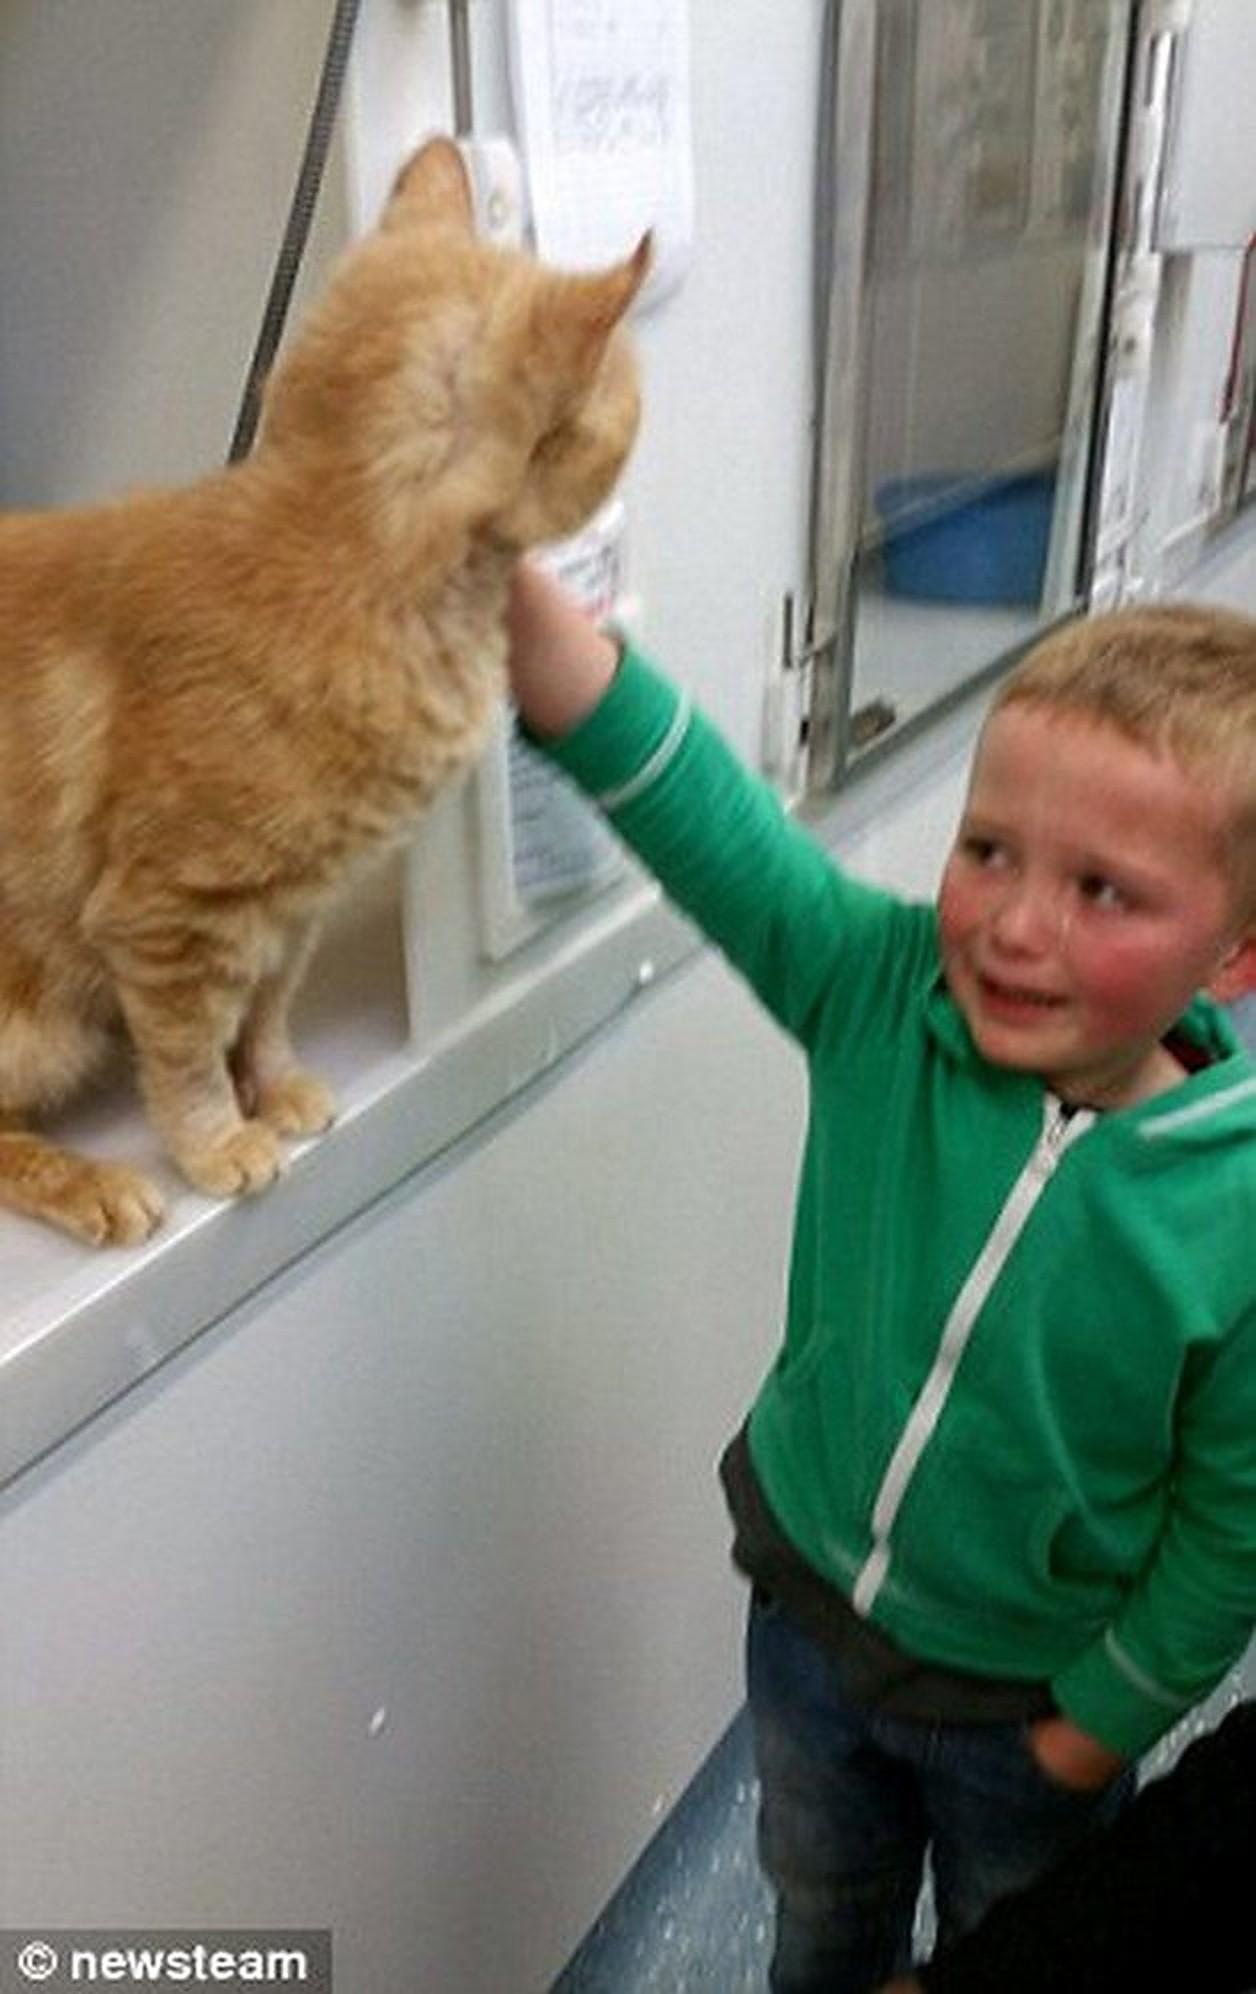 Un băiat a mers într-un adăpost să adopte un nou animal de companie, însă avea să aibă parte de o adevărată surpriză!